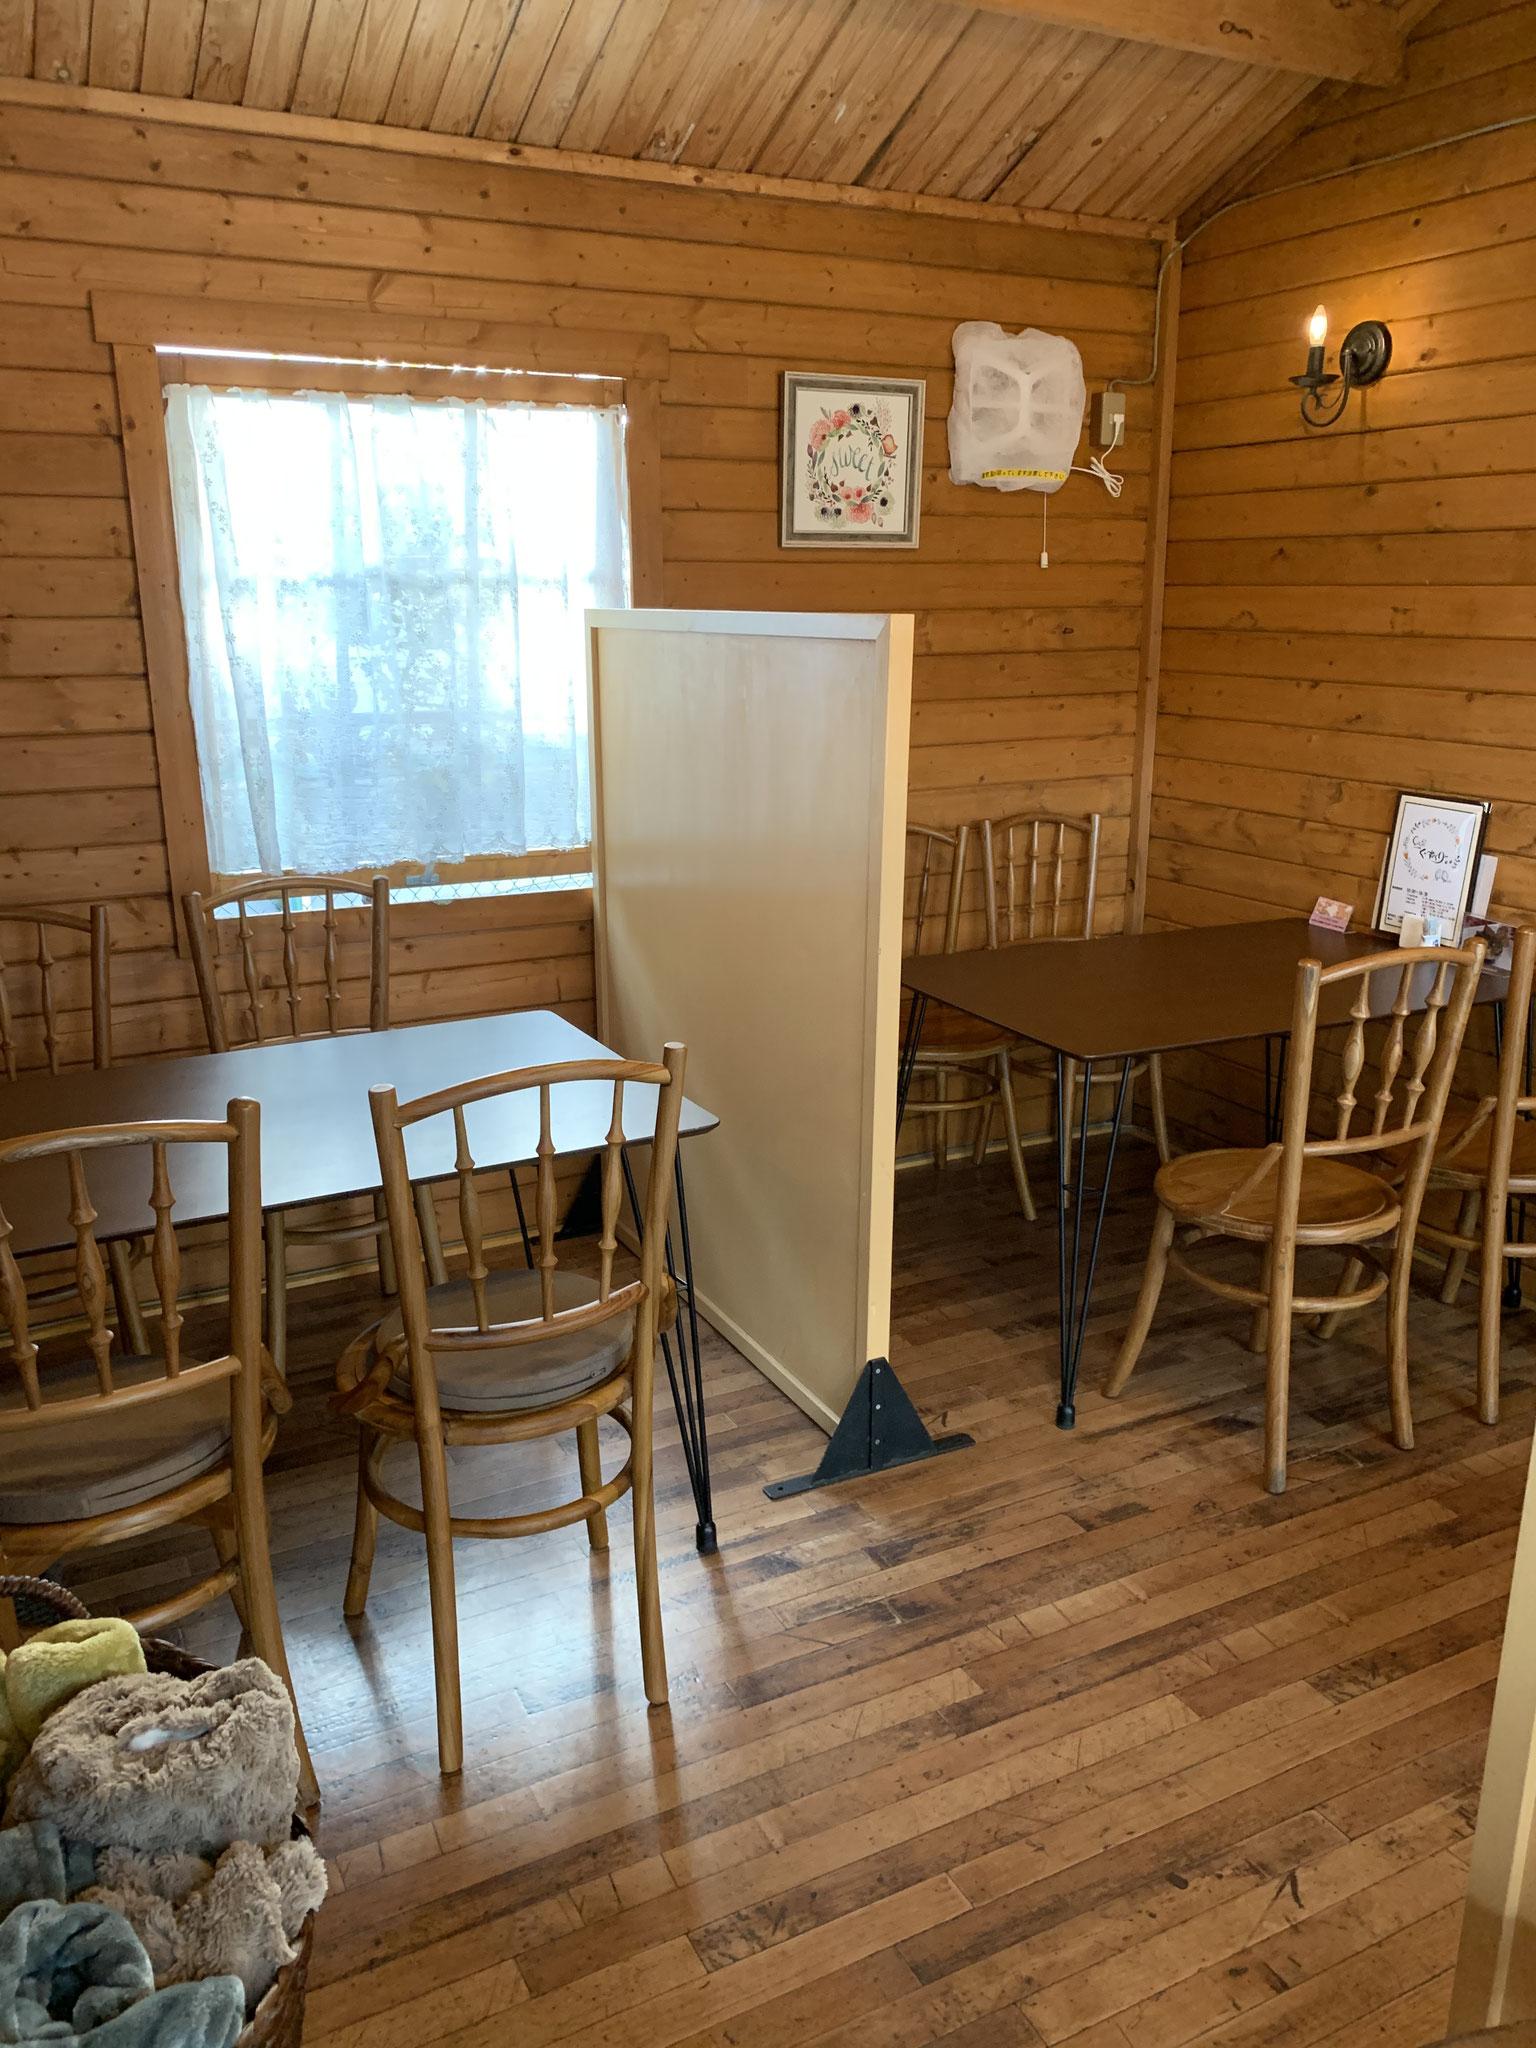 cafe'くーずべりー店内 4人掛け×3